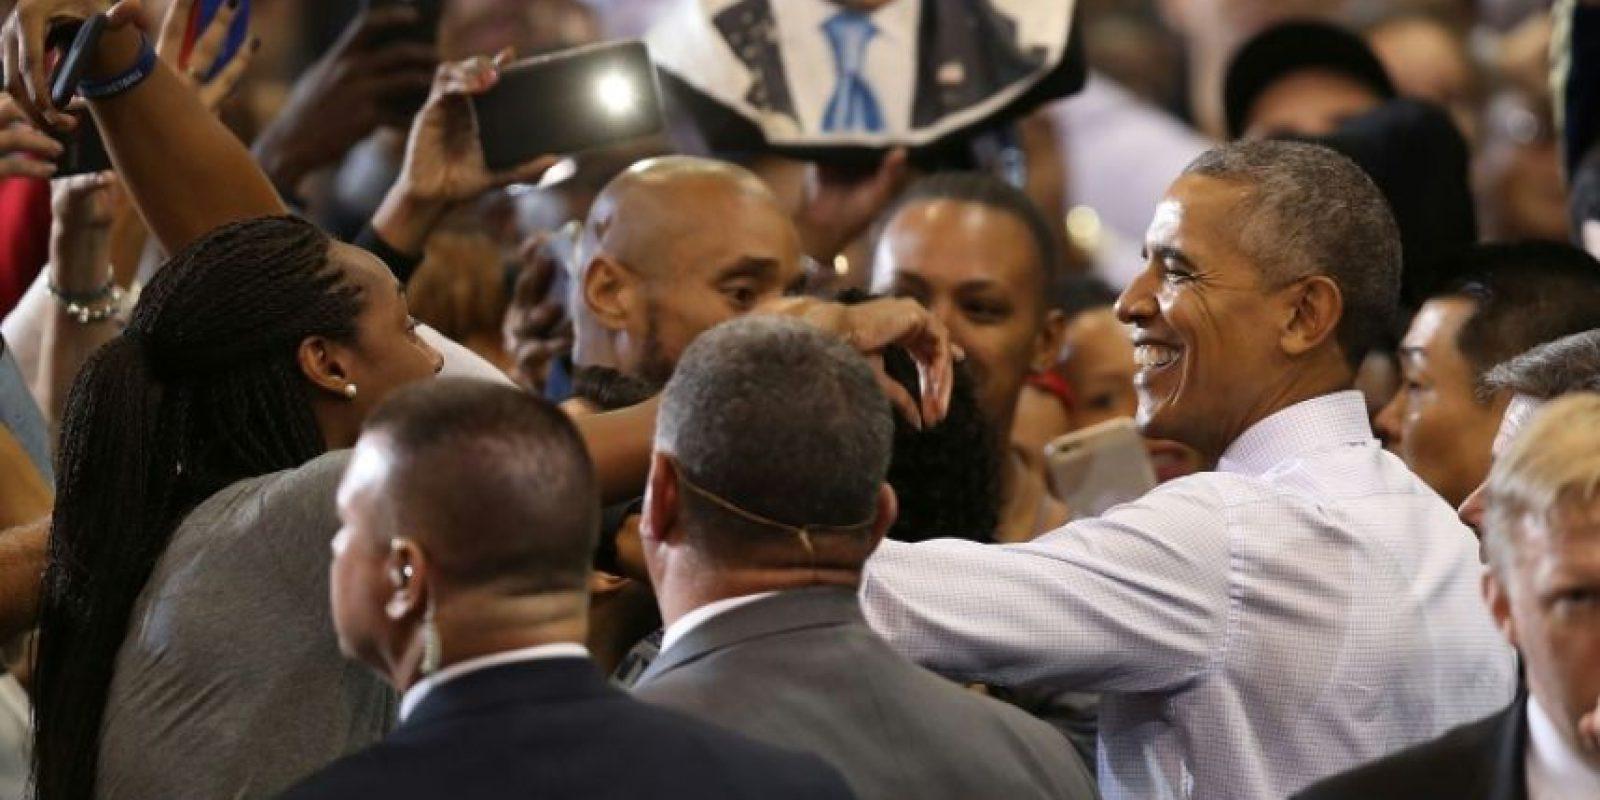 El presidente Barack Obama durante un acto de campaña en apoyo a Hillary Clinton el 3 de noviembre de 2016 en Miami Foto:Joe Raedle/afp.com